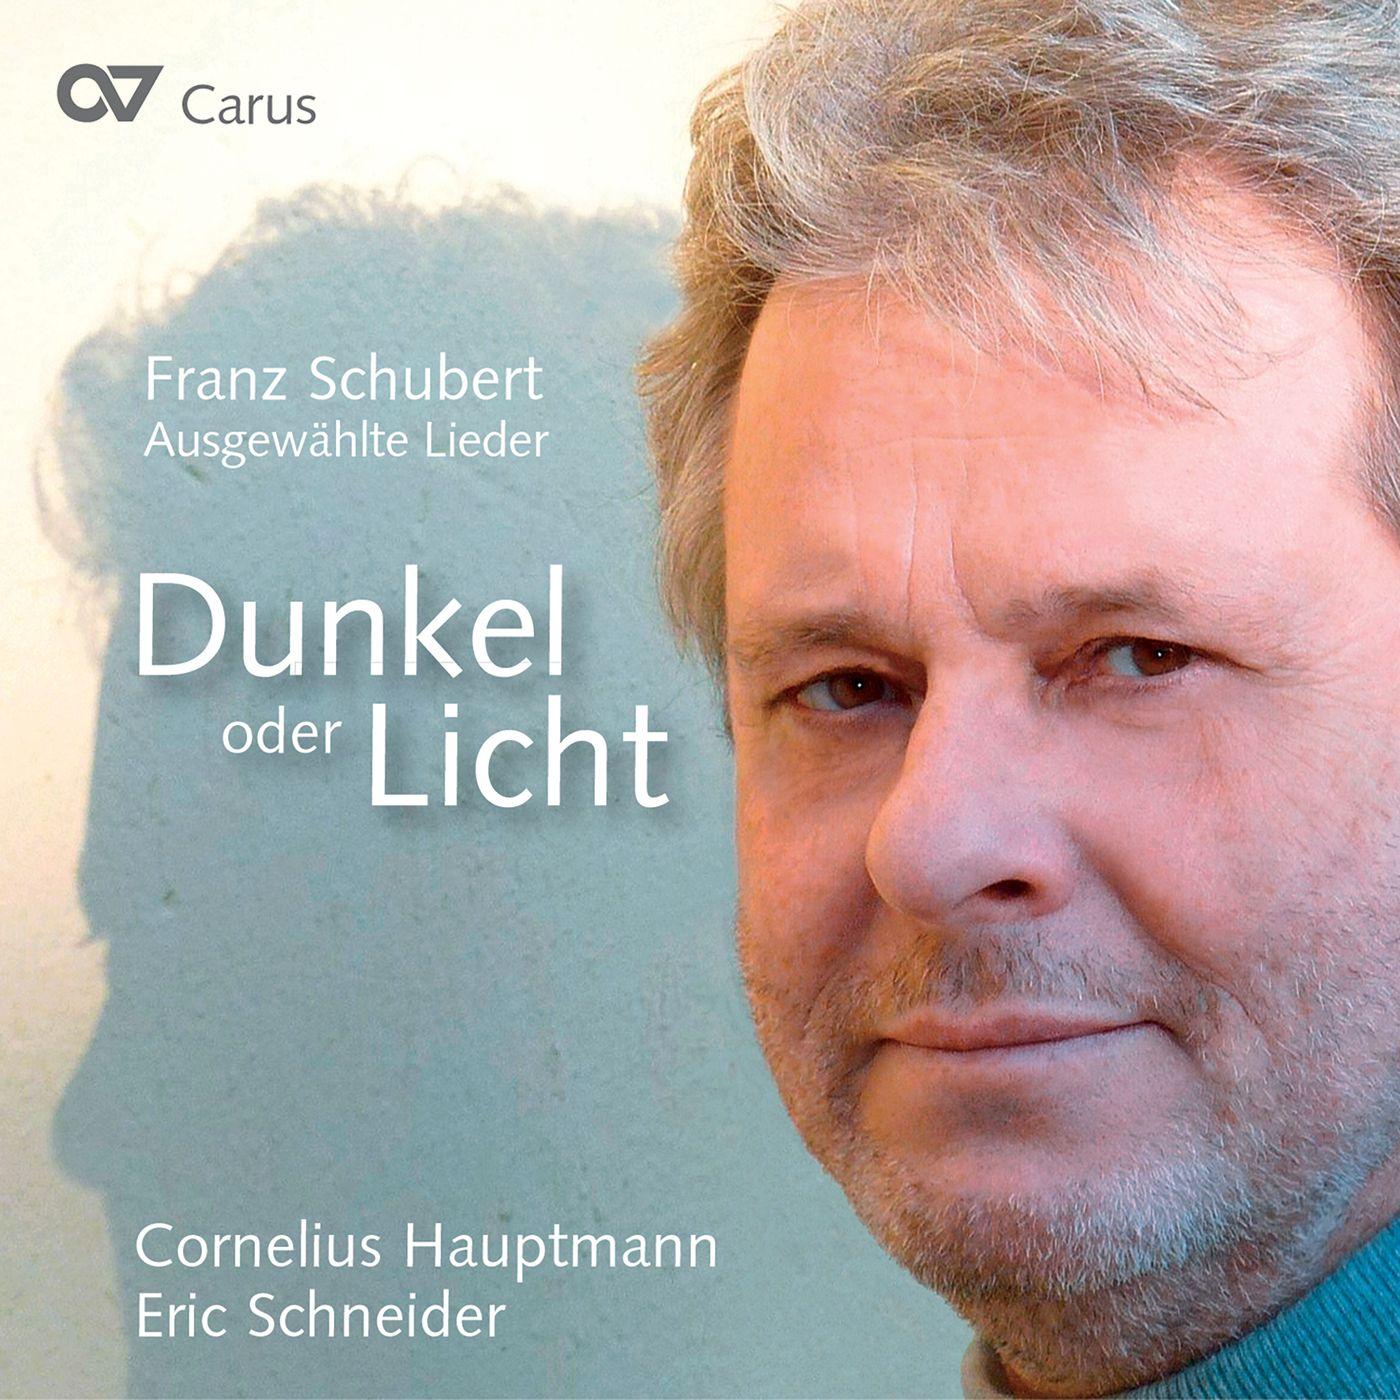 Schubert: Darkness or Light